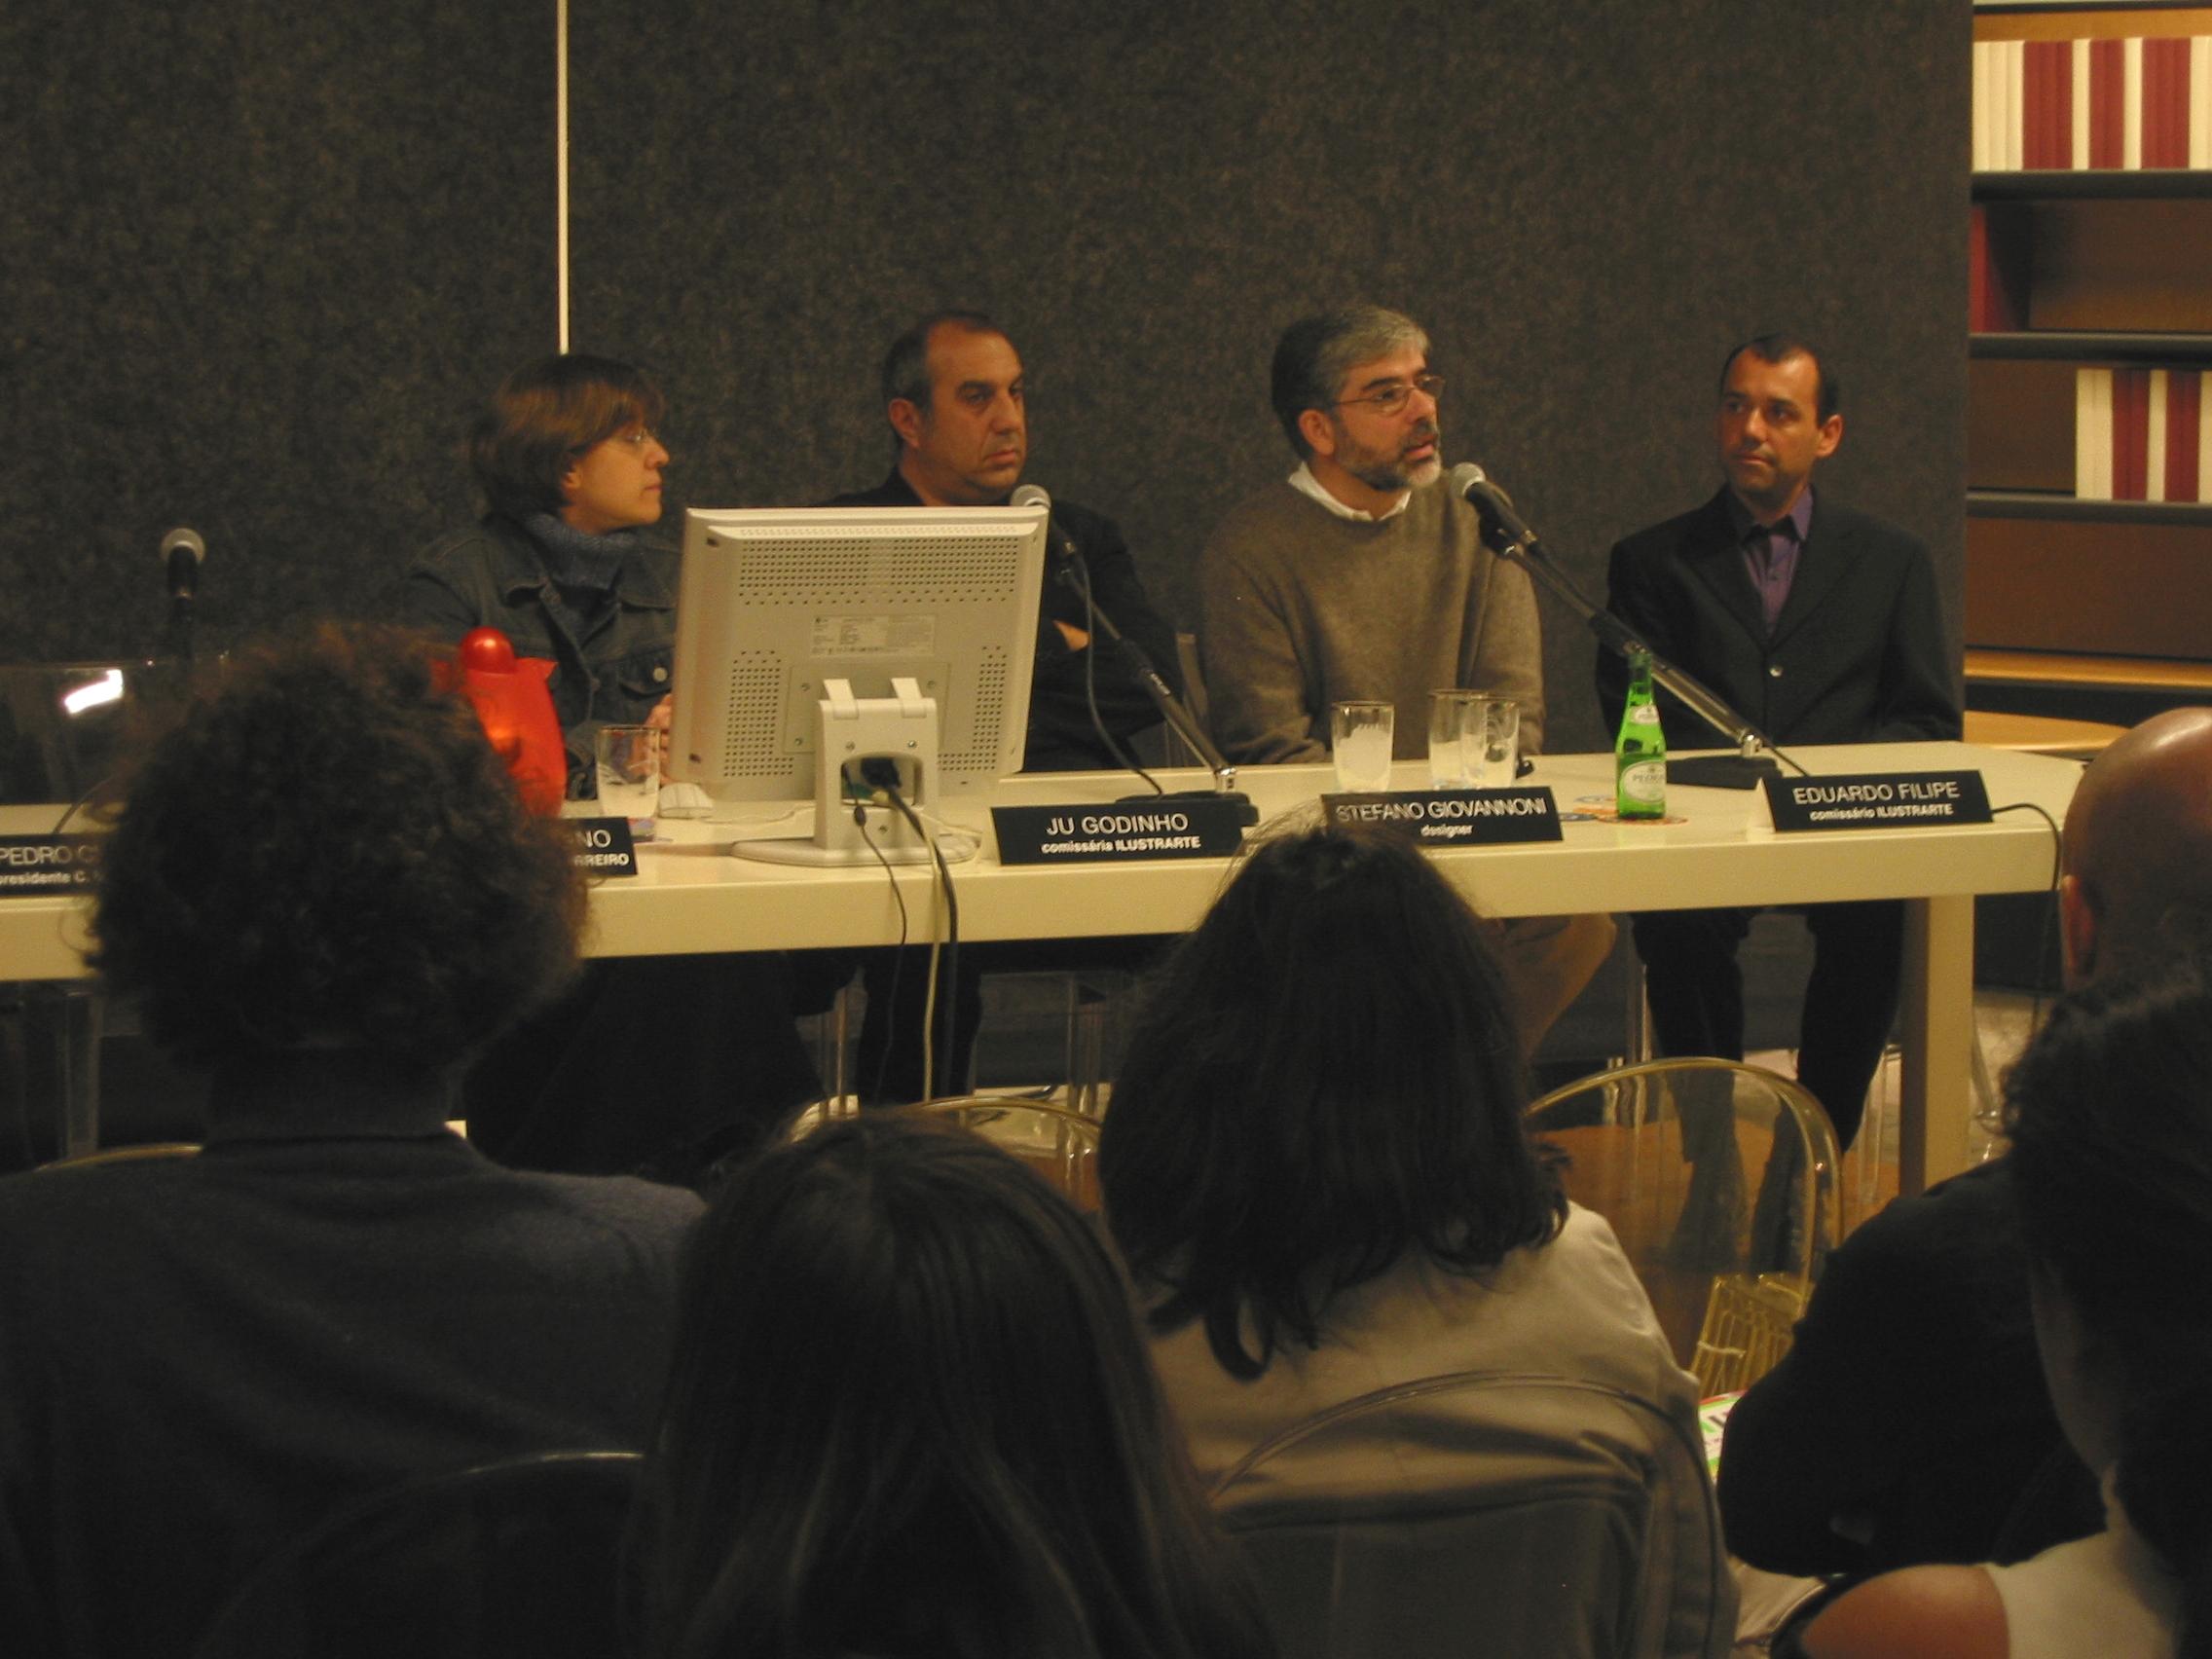 Conferência com Stefano Giovanonni